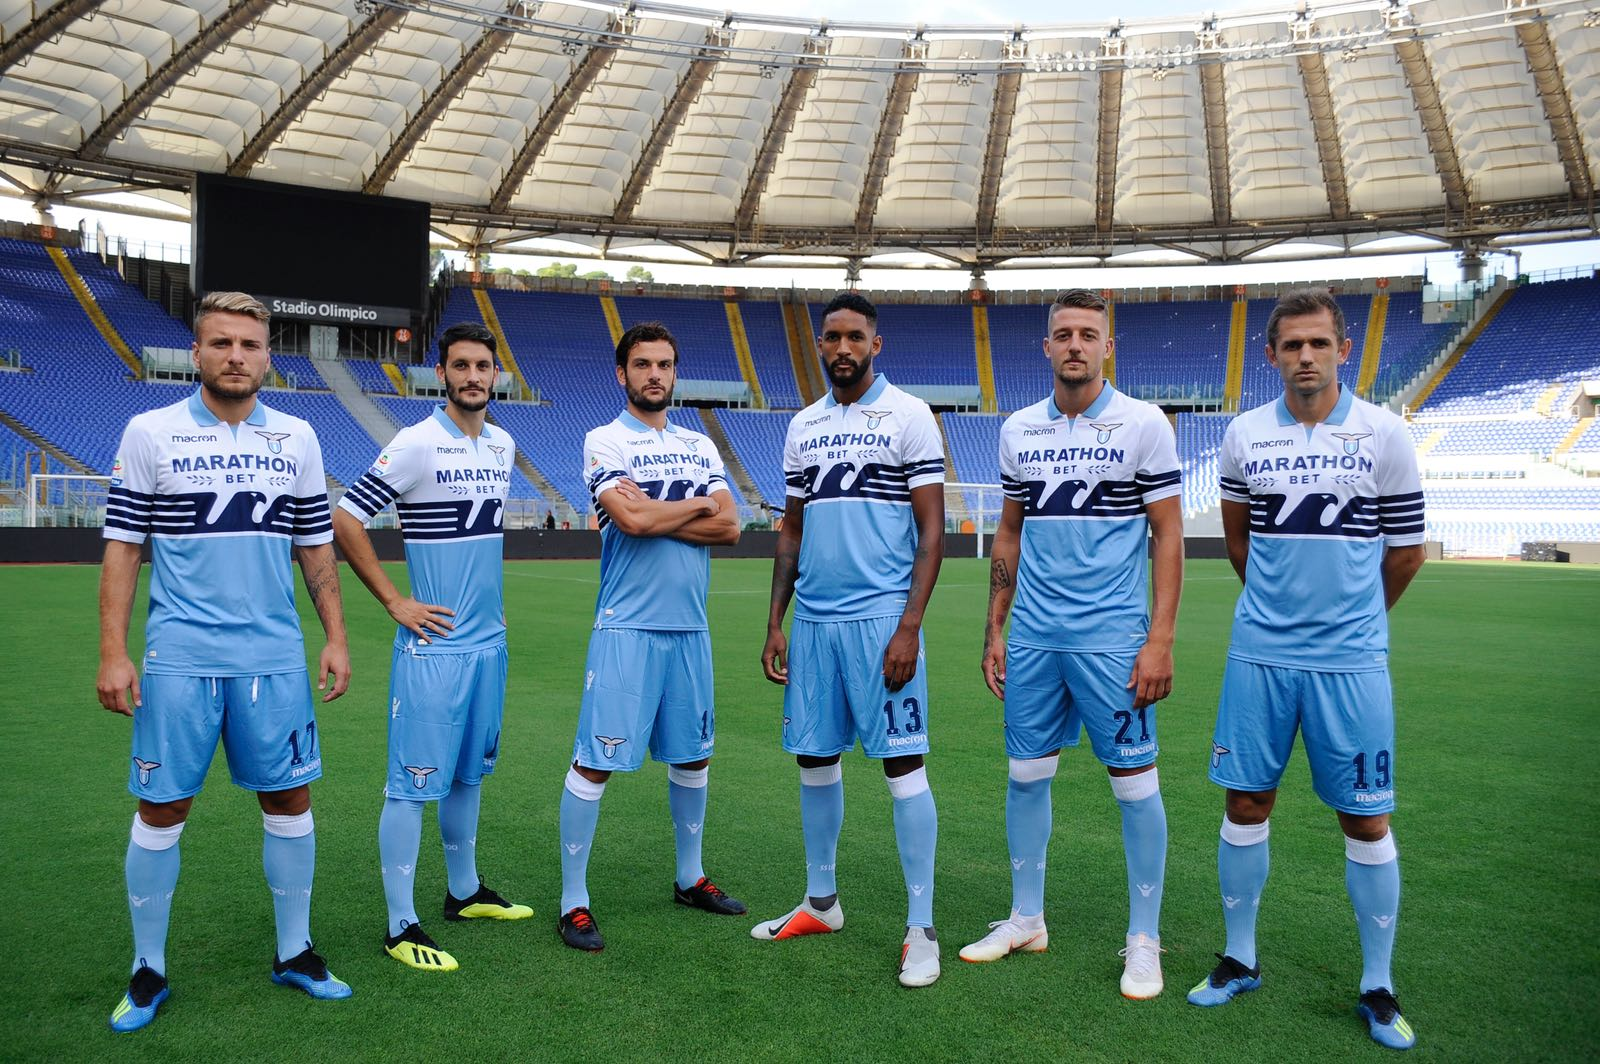 Allenamento Lazio nuova